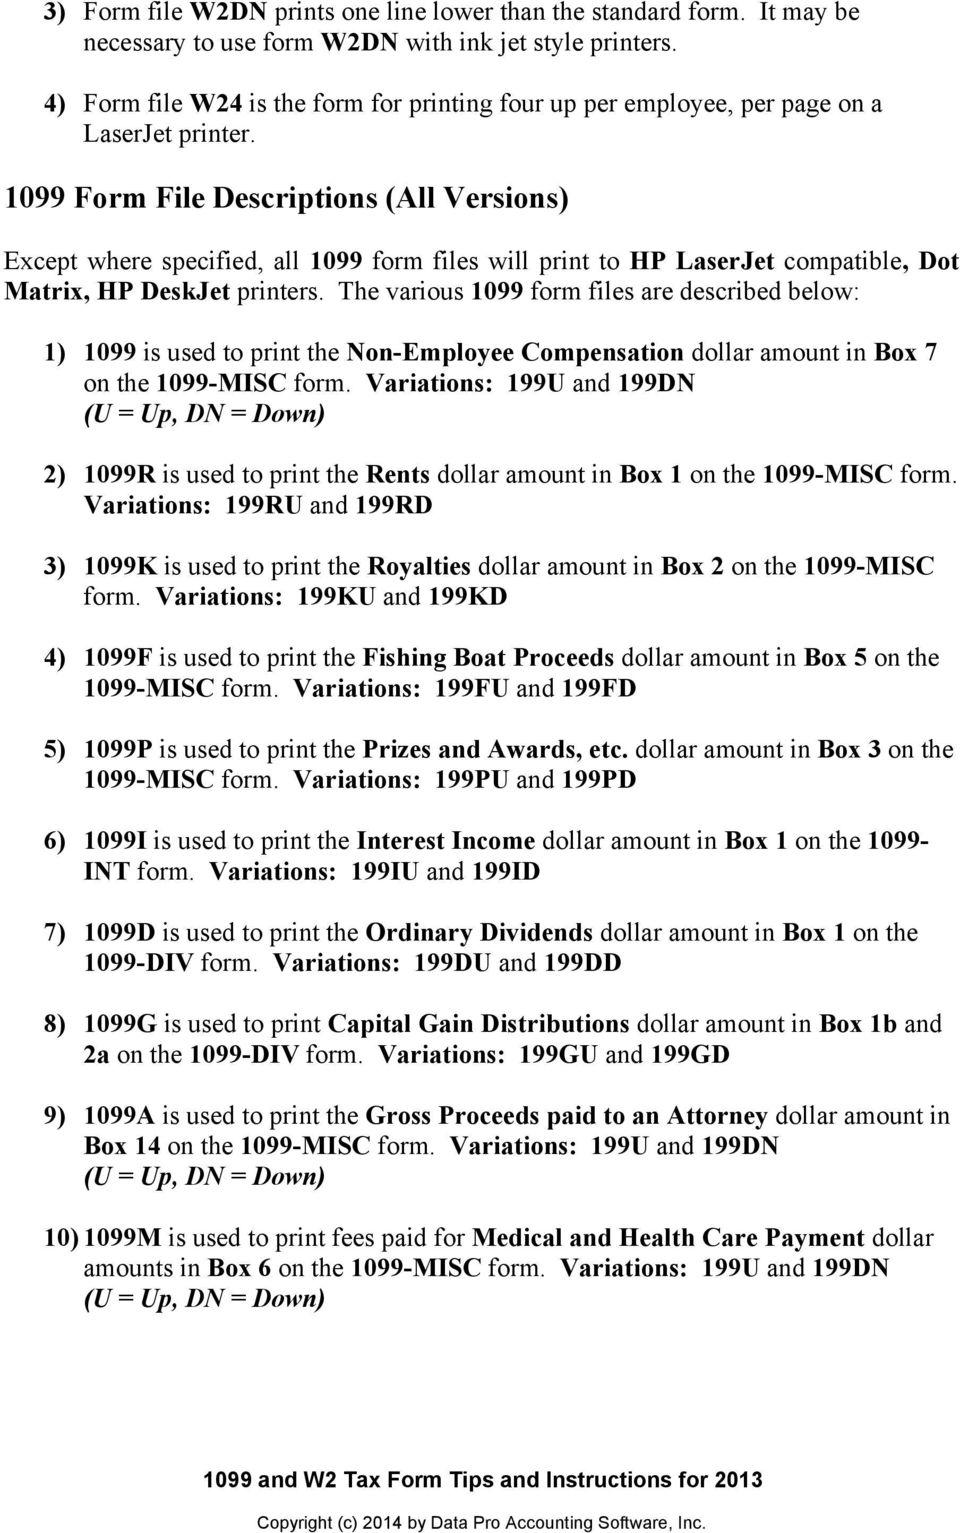 2013 W2 Tax Form